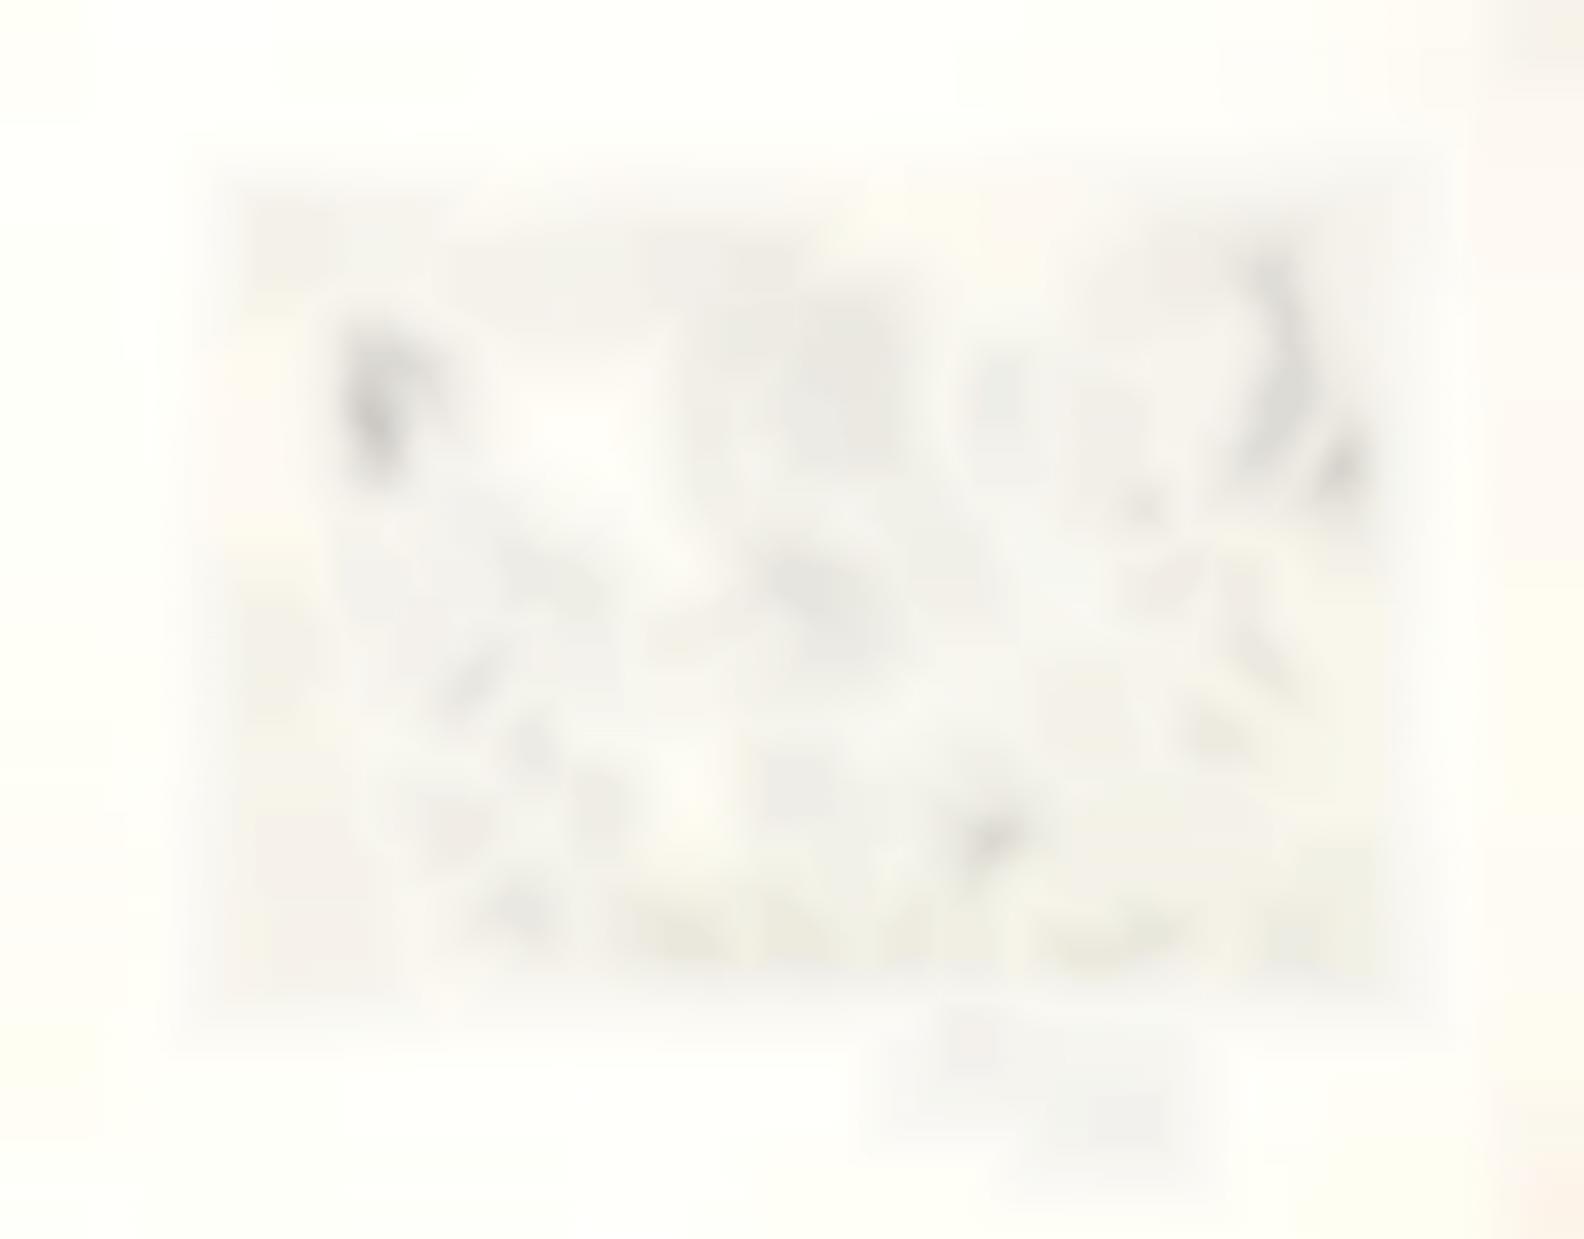 Pablo Picasso-Homme En Babouches Menacant Dun Poignard Une Femme Nue Devant Deux Spectateurs Ages, From El Entierro Del Conde Orgaz(Bloch 1466; Baer 1377)-1966